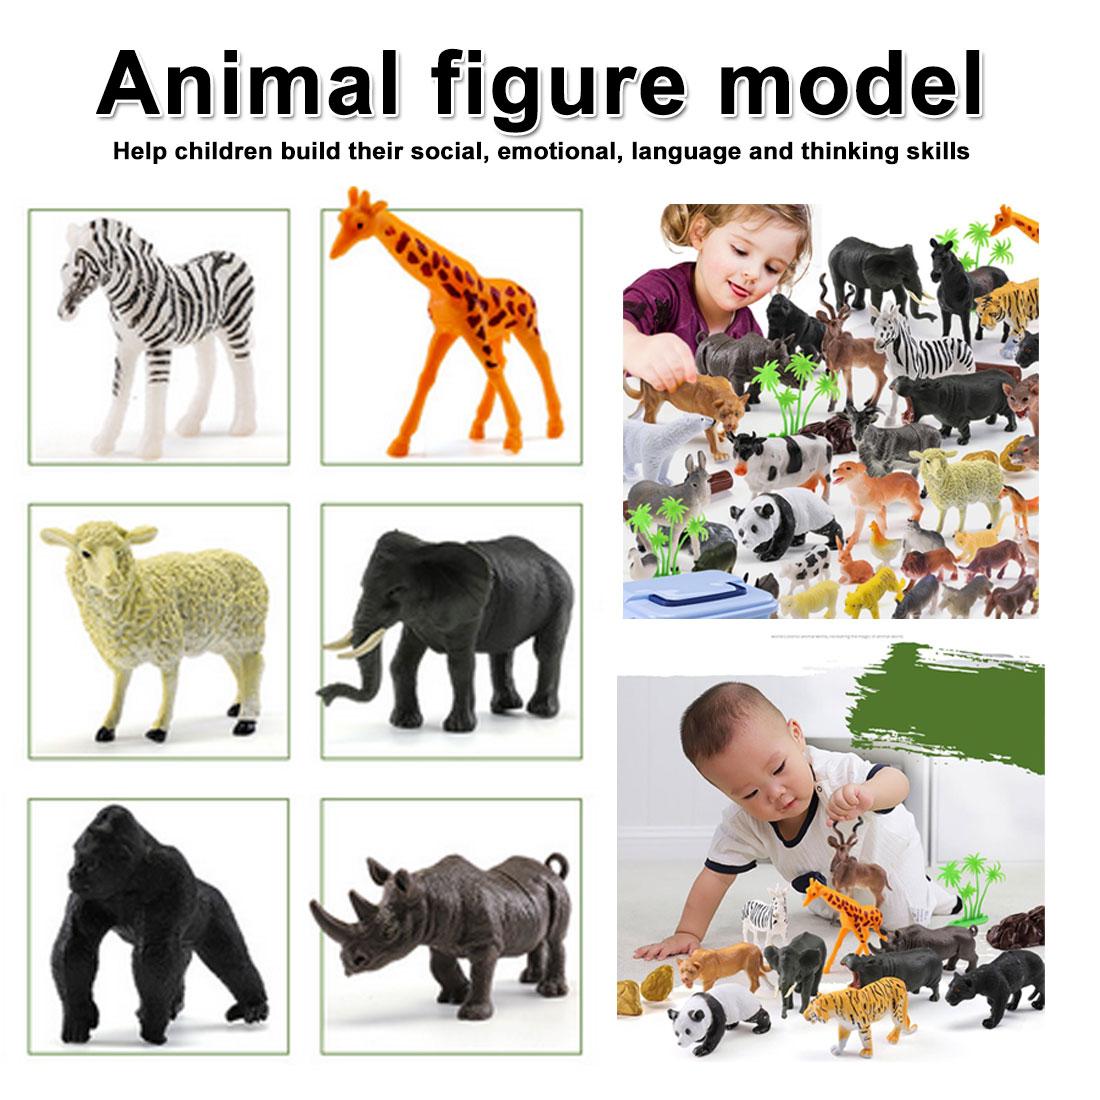 Véritable Jungle sauvage Zoo ferme animaux série Jaguar modèle à collectionner enfants jouet apprentissage précoce jouets cognitifs cadeaux